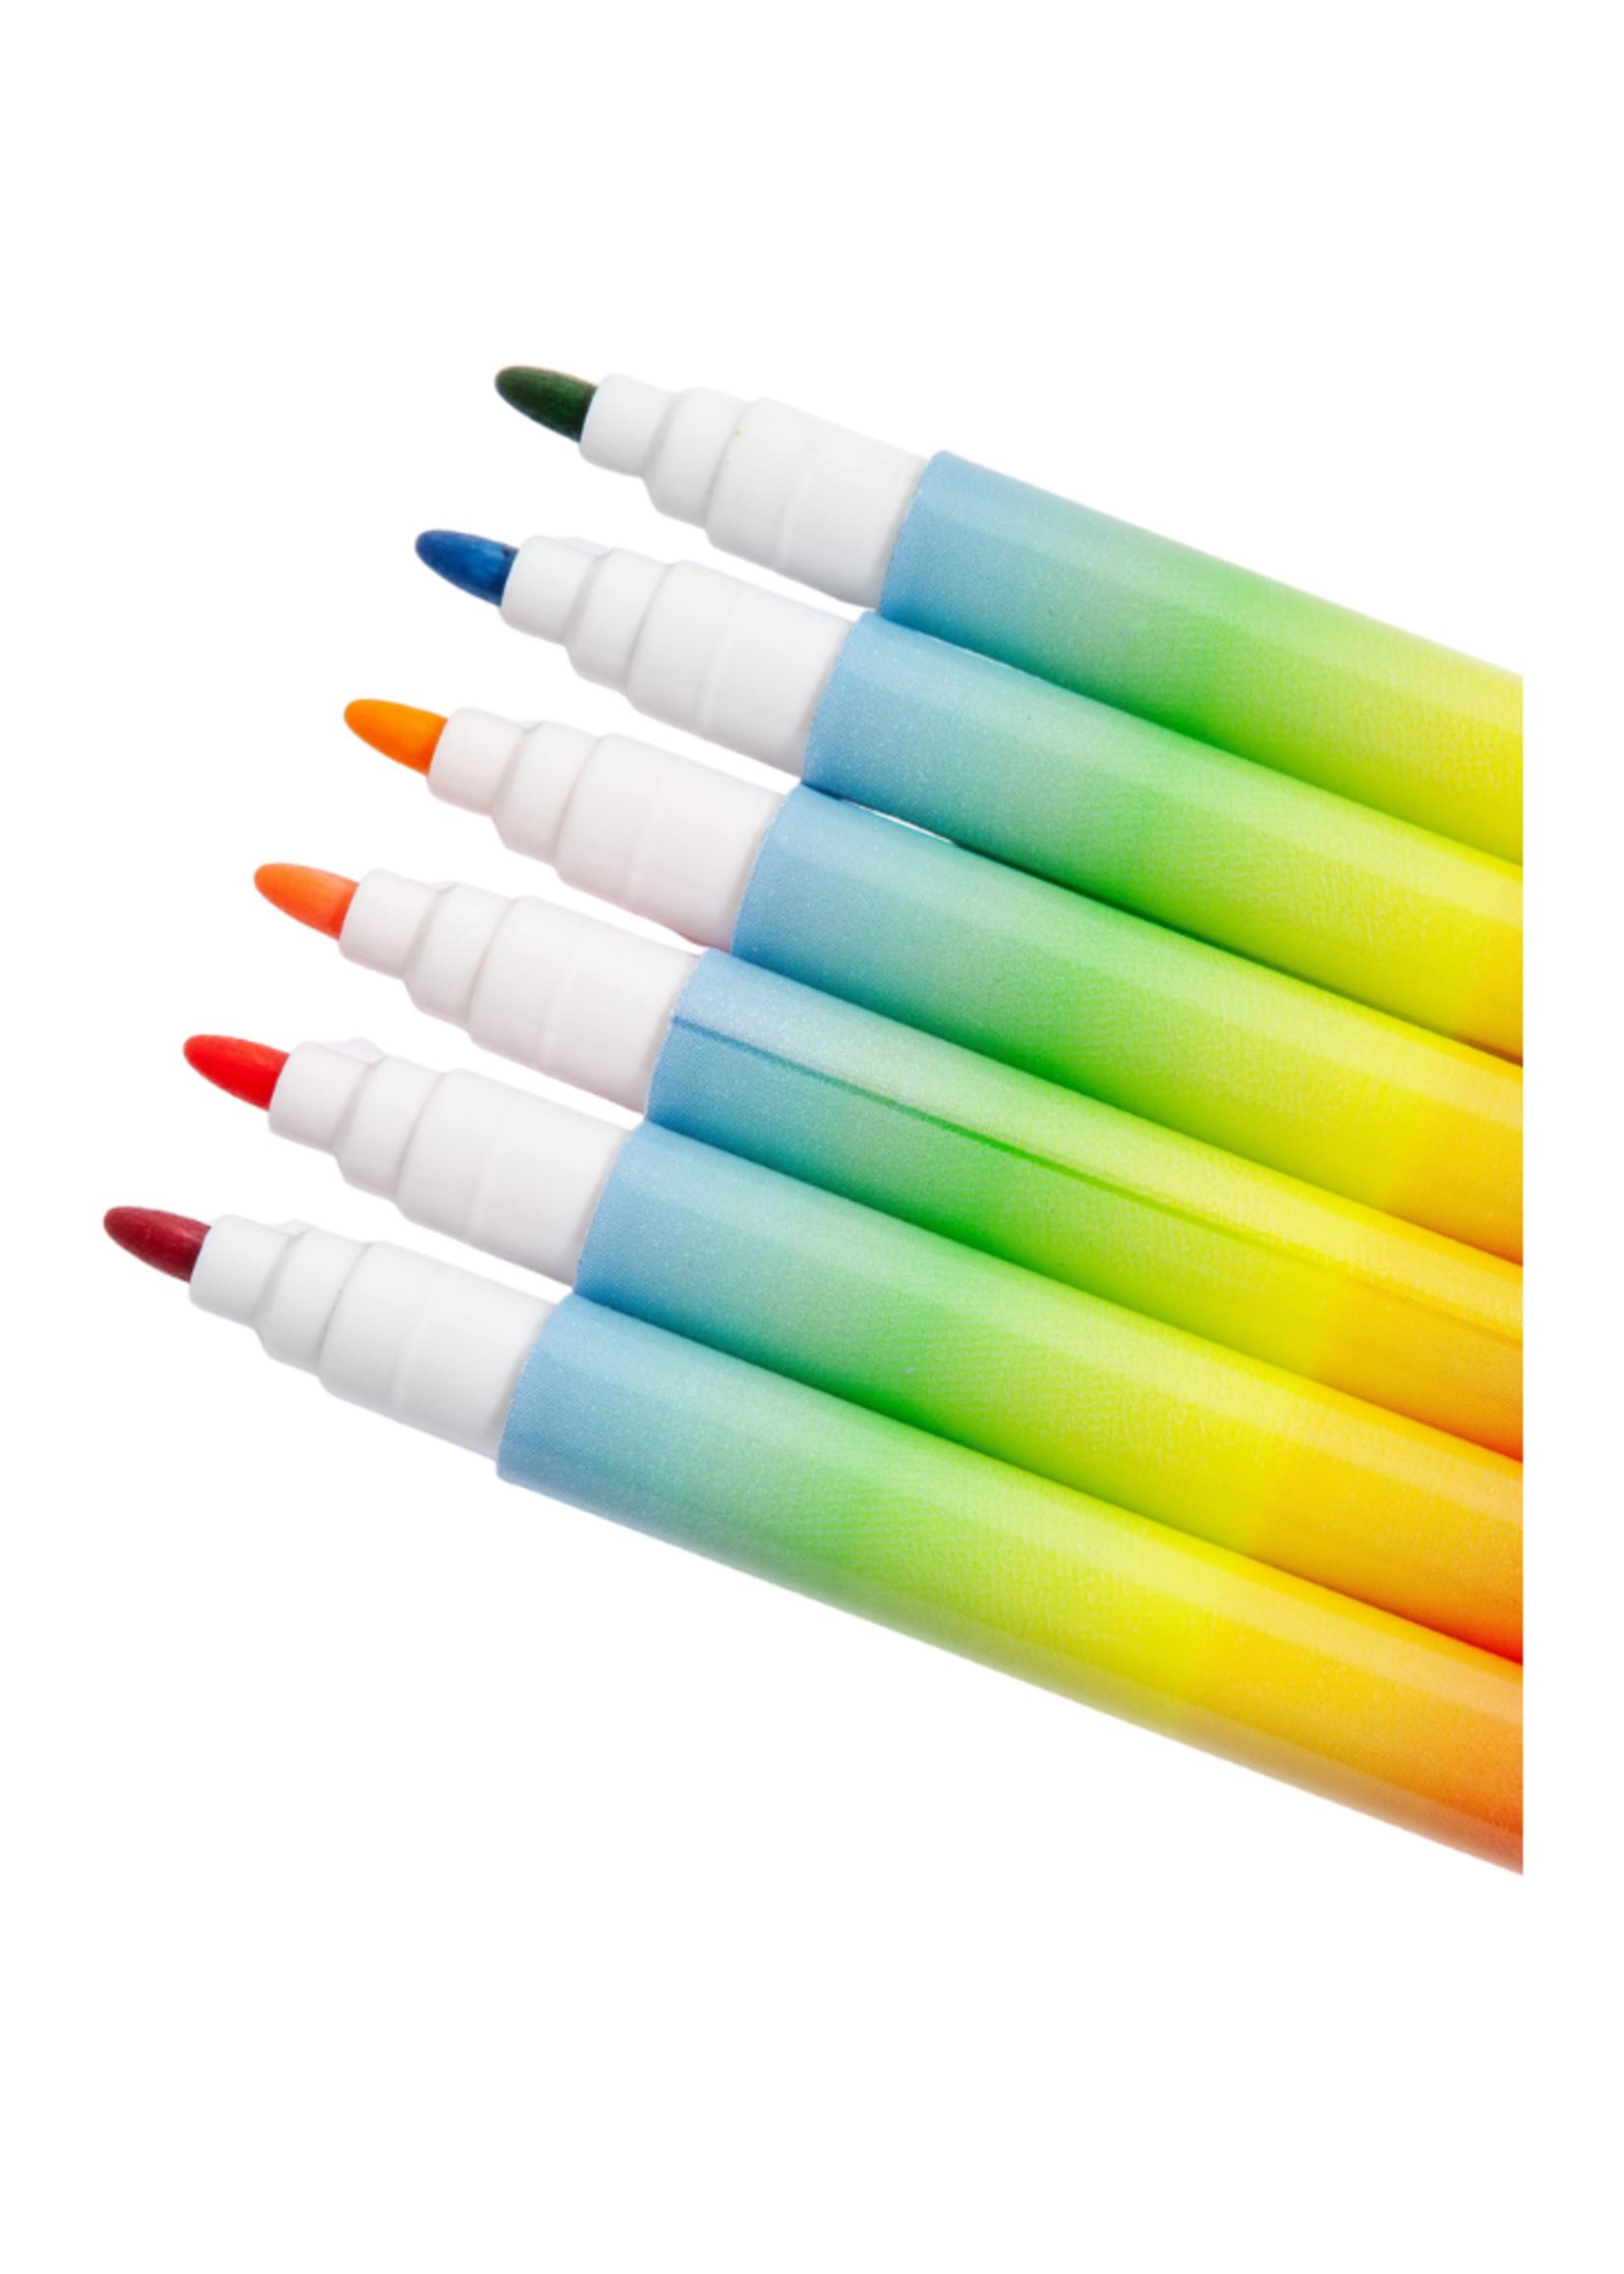 Poketo Poketo 13177 Chroma Double Tip Pens